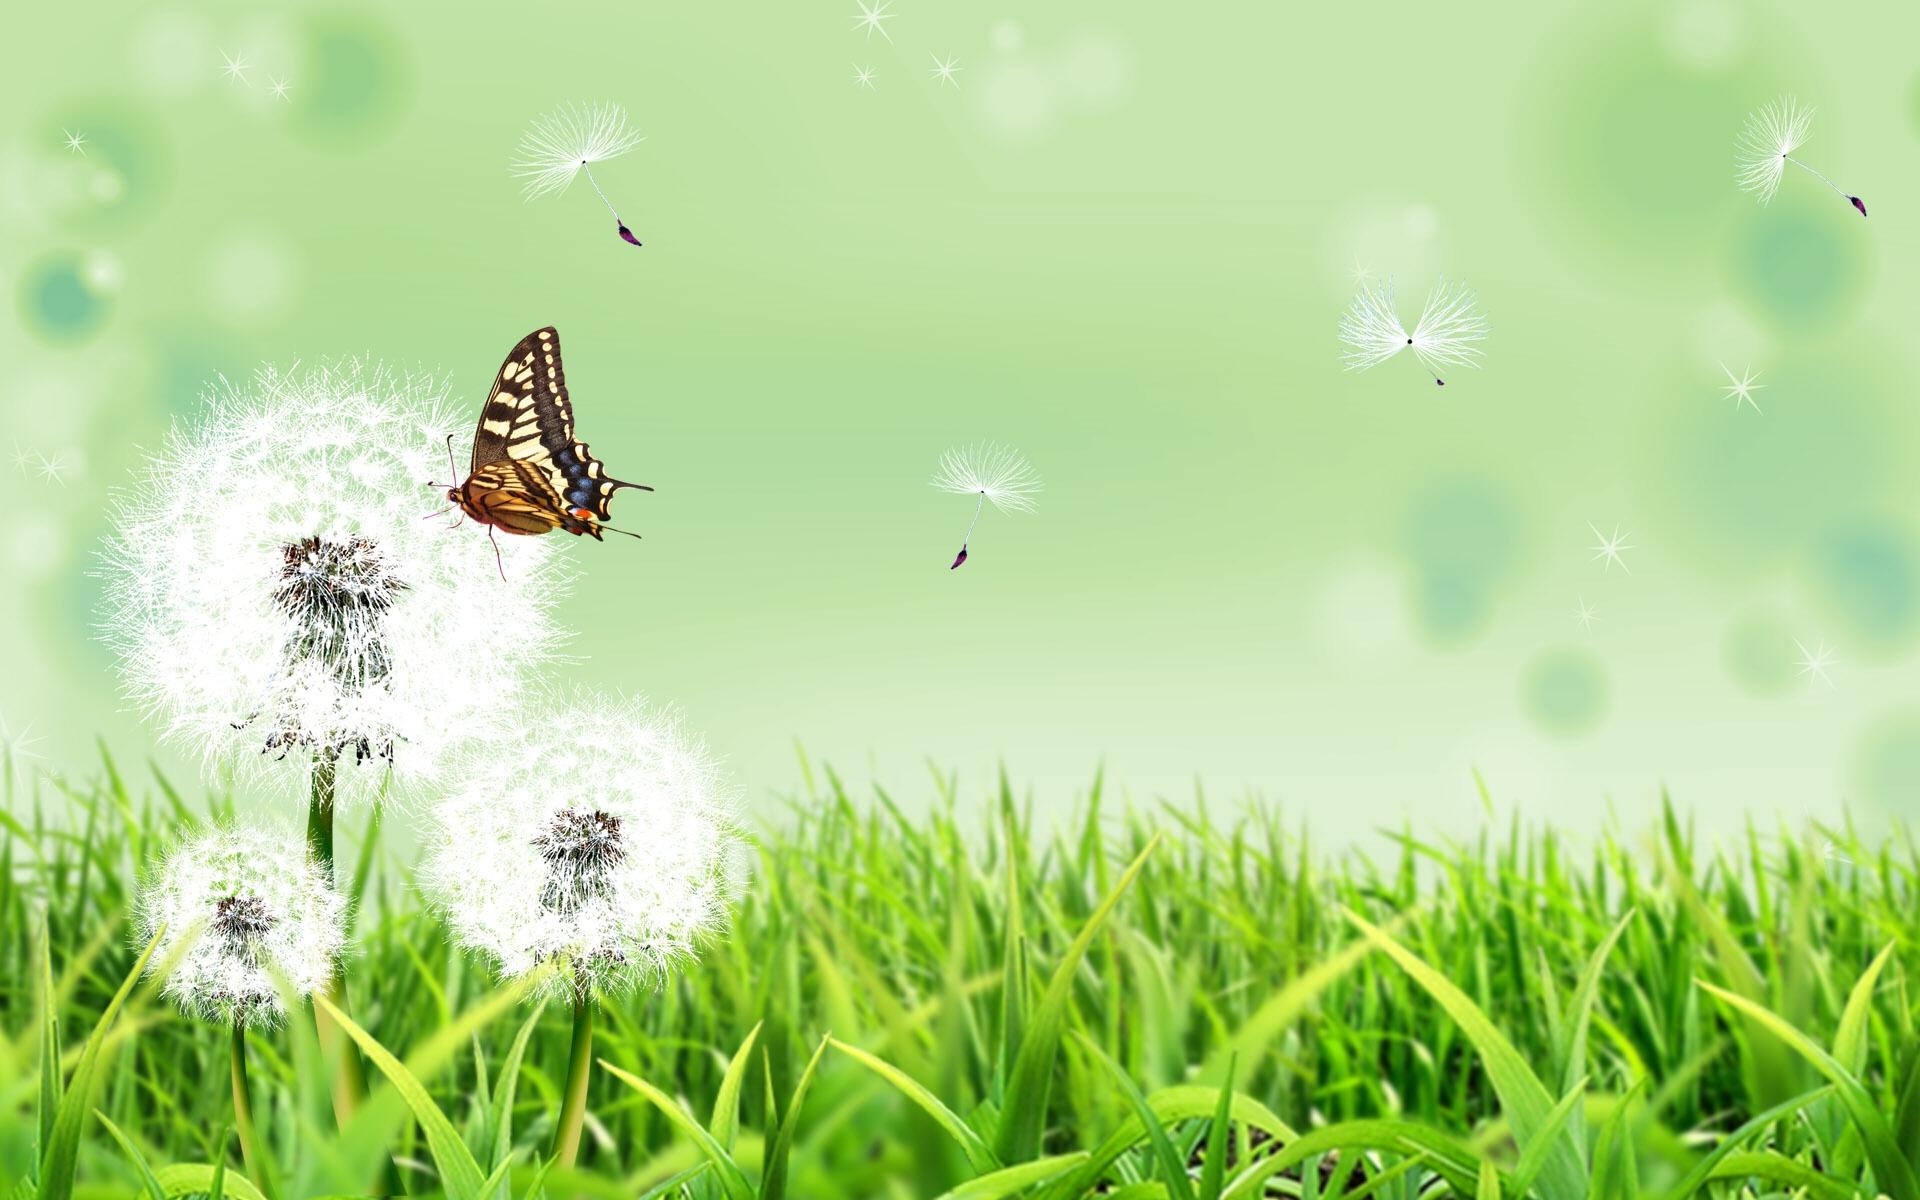 36582 descargar fondo de pantalla Mariposas, Insectos, Imágenes: protectores de pantalla e imágenes gratis